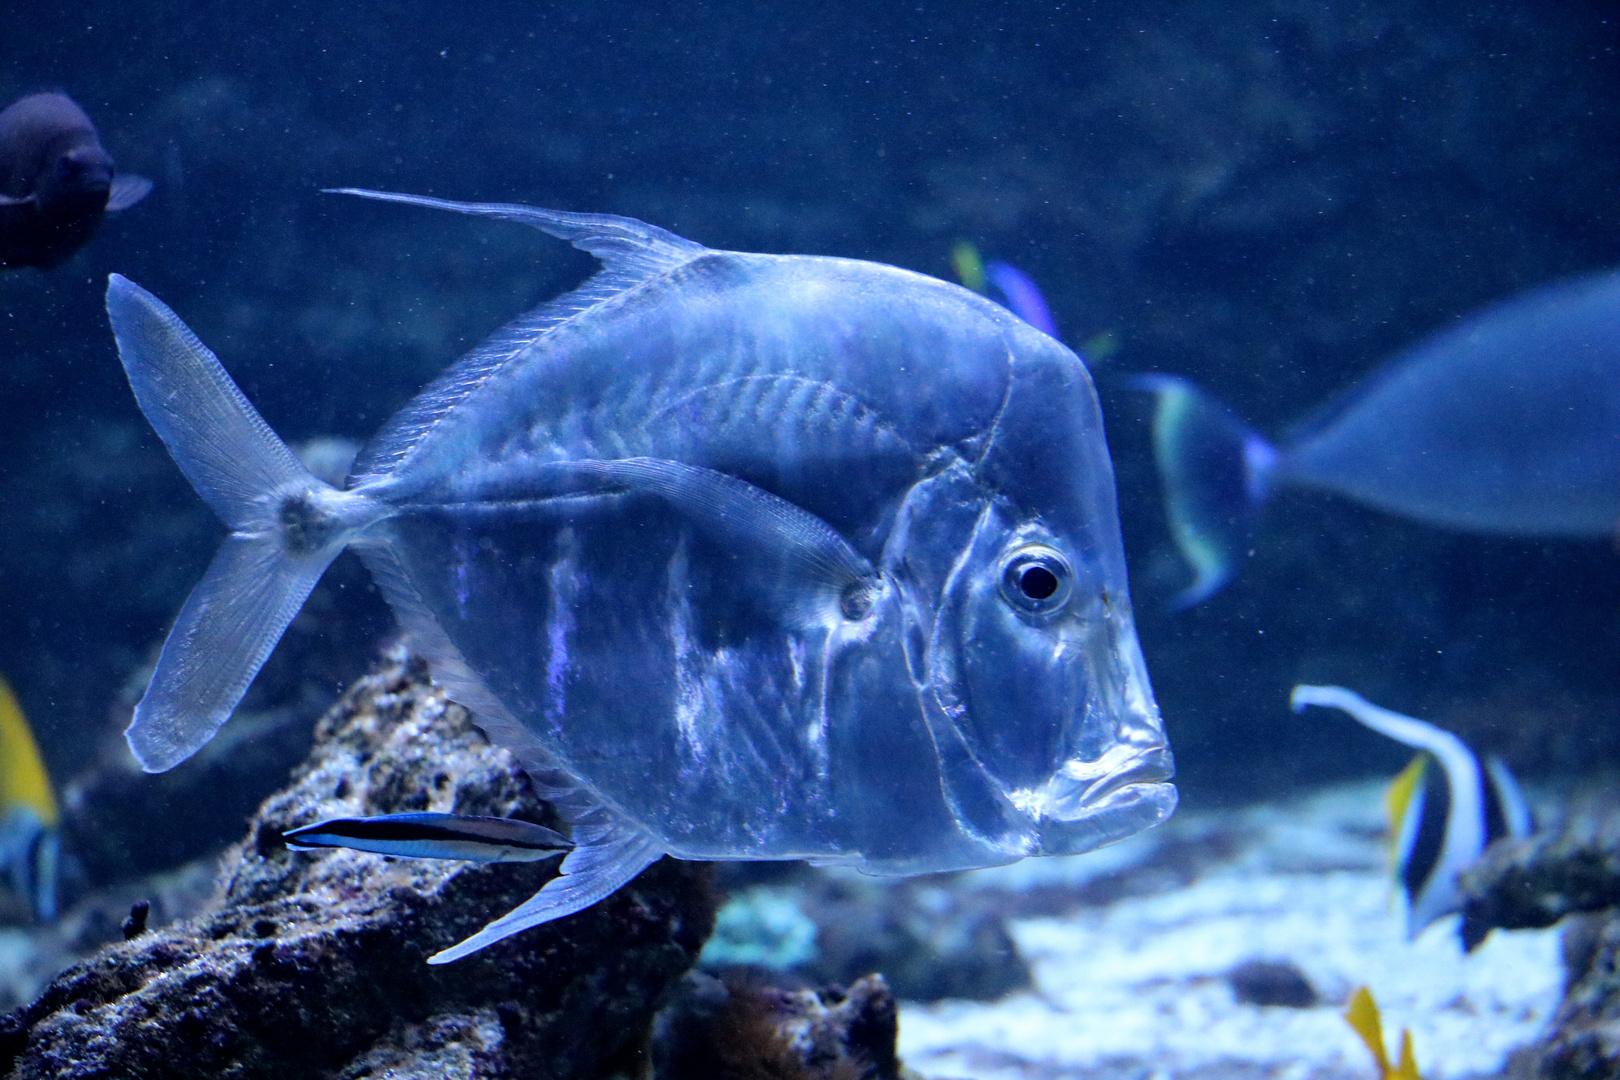 silberner fisch foto amp bild natur zoo tiere bilder auf